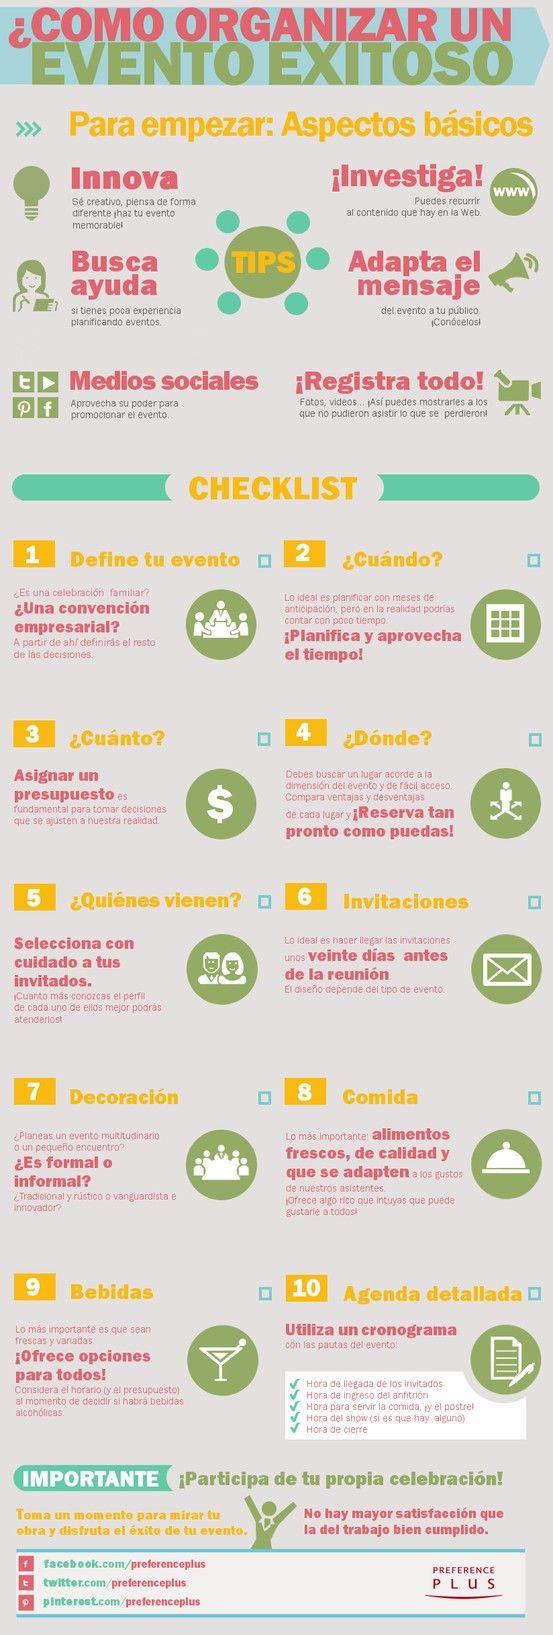 Hola: Una infografía sobre Cómo organizar un evento de éxito. Un saludo